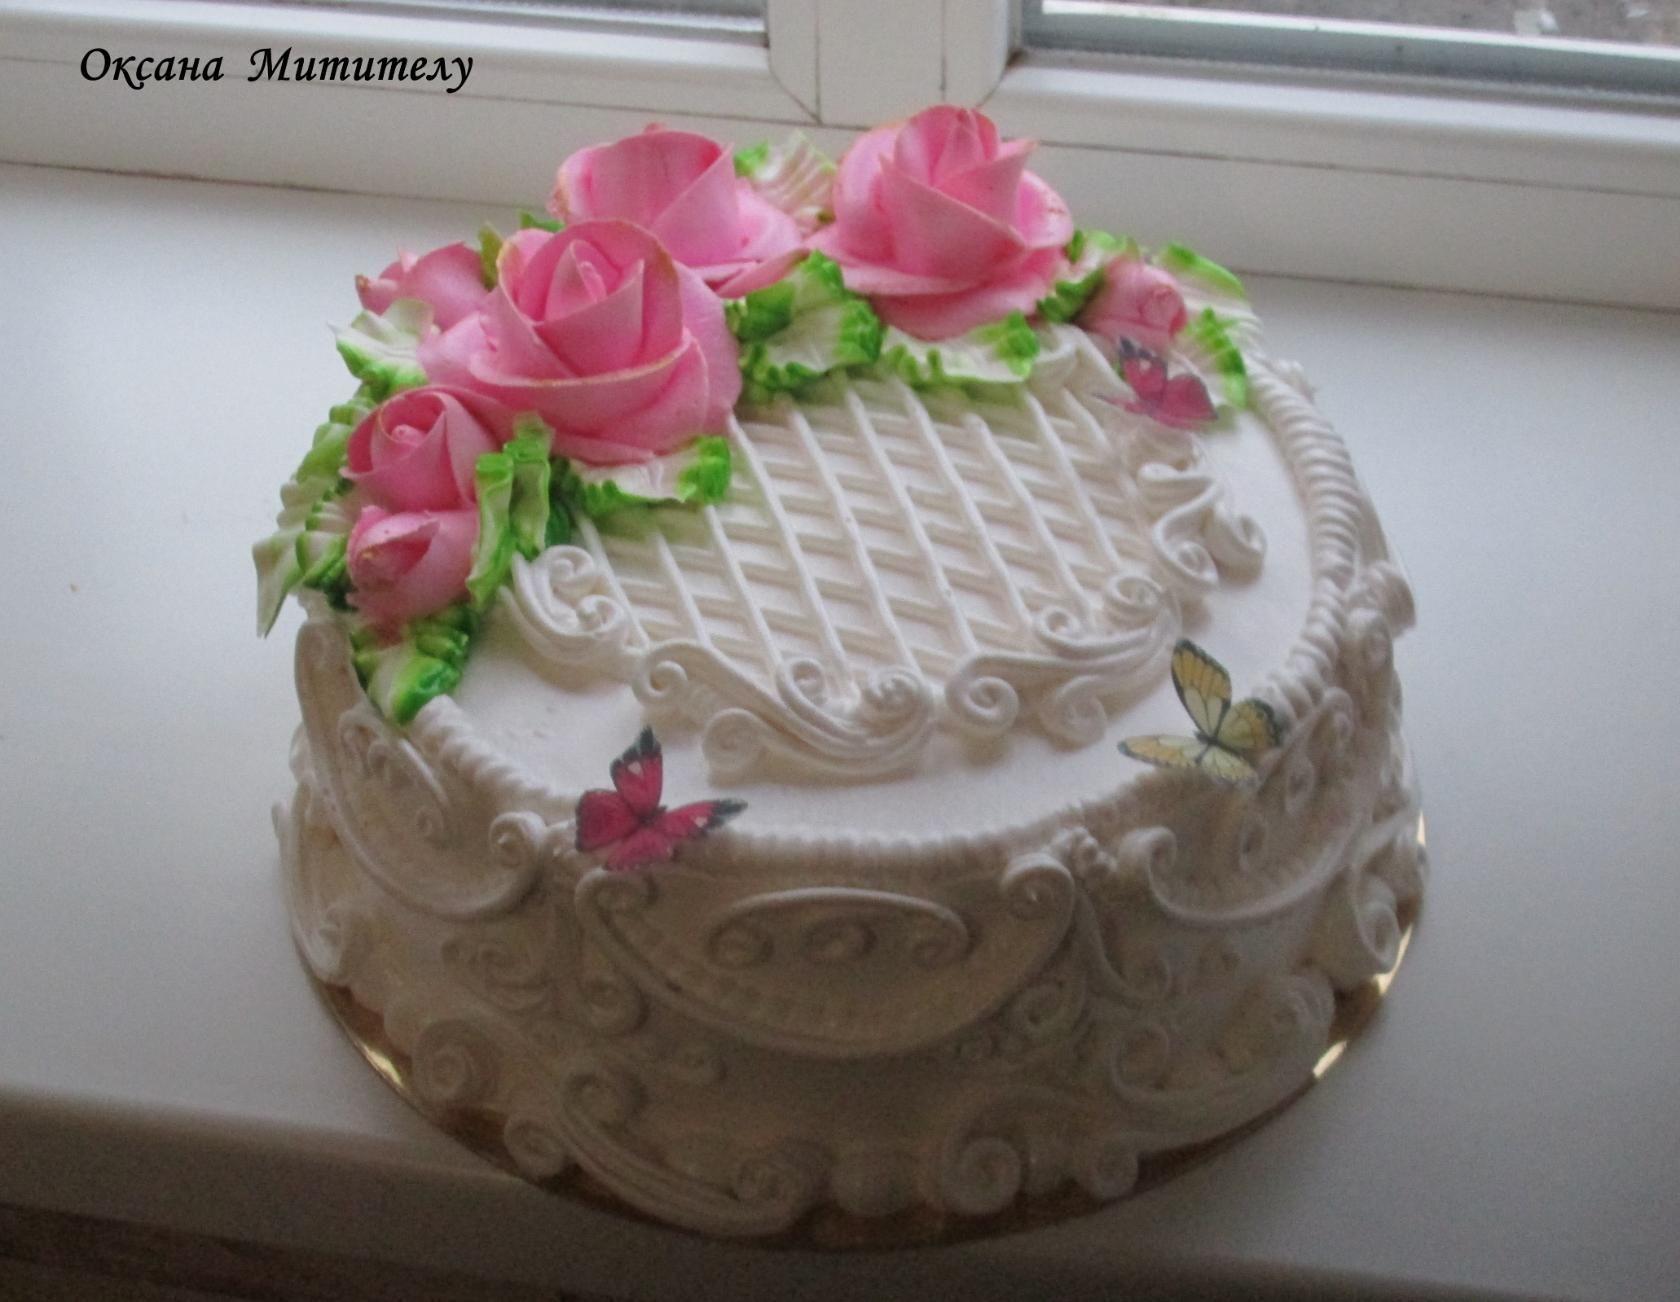 Личное фото | Надпись на торте, Вкусные торты, Красивые торты